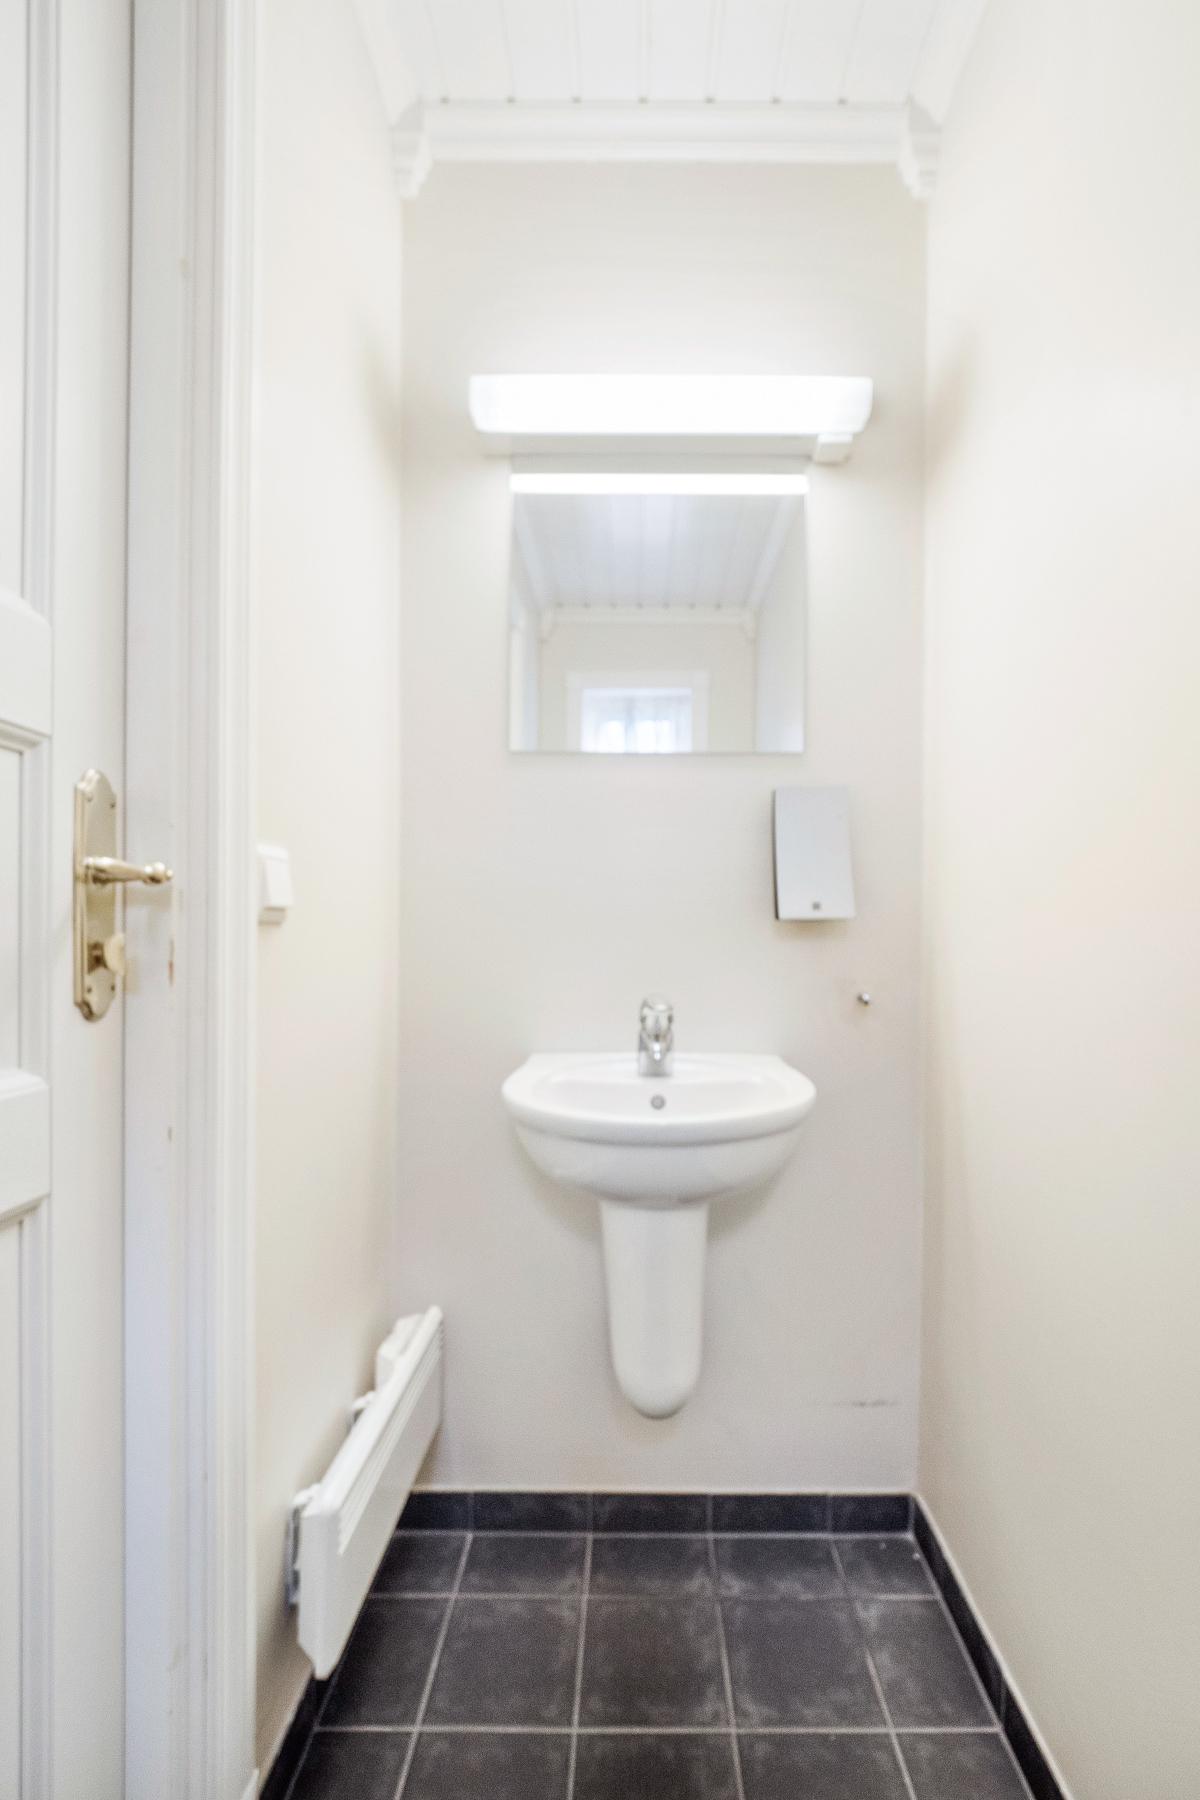 Toalett i 1 etasje med servant og wc